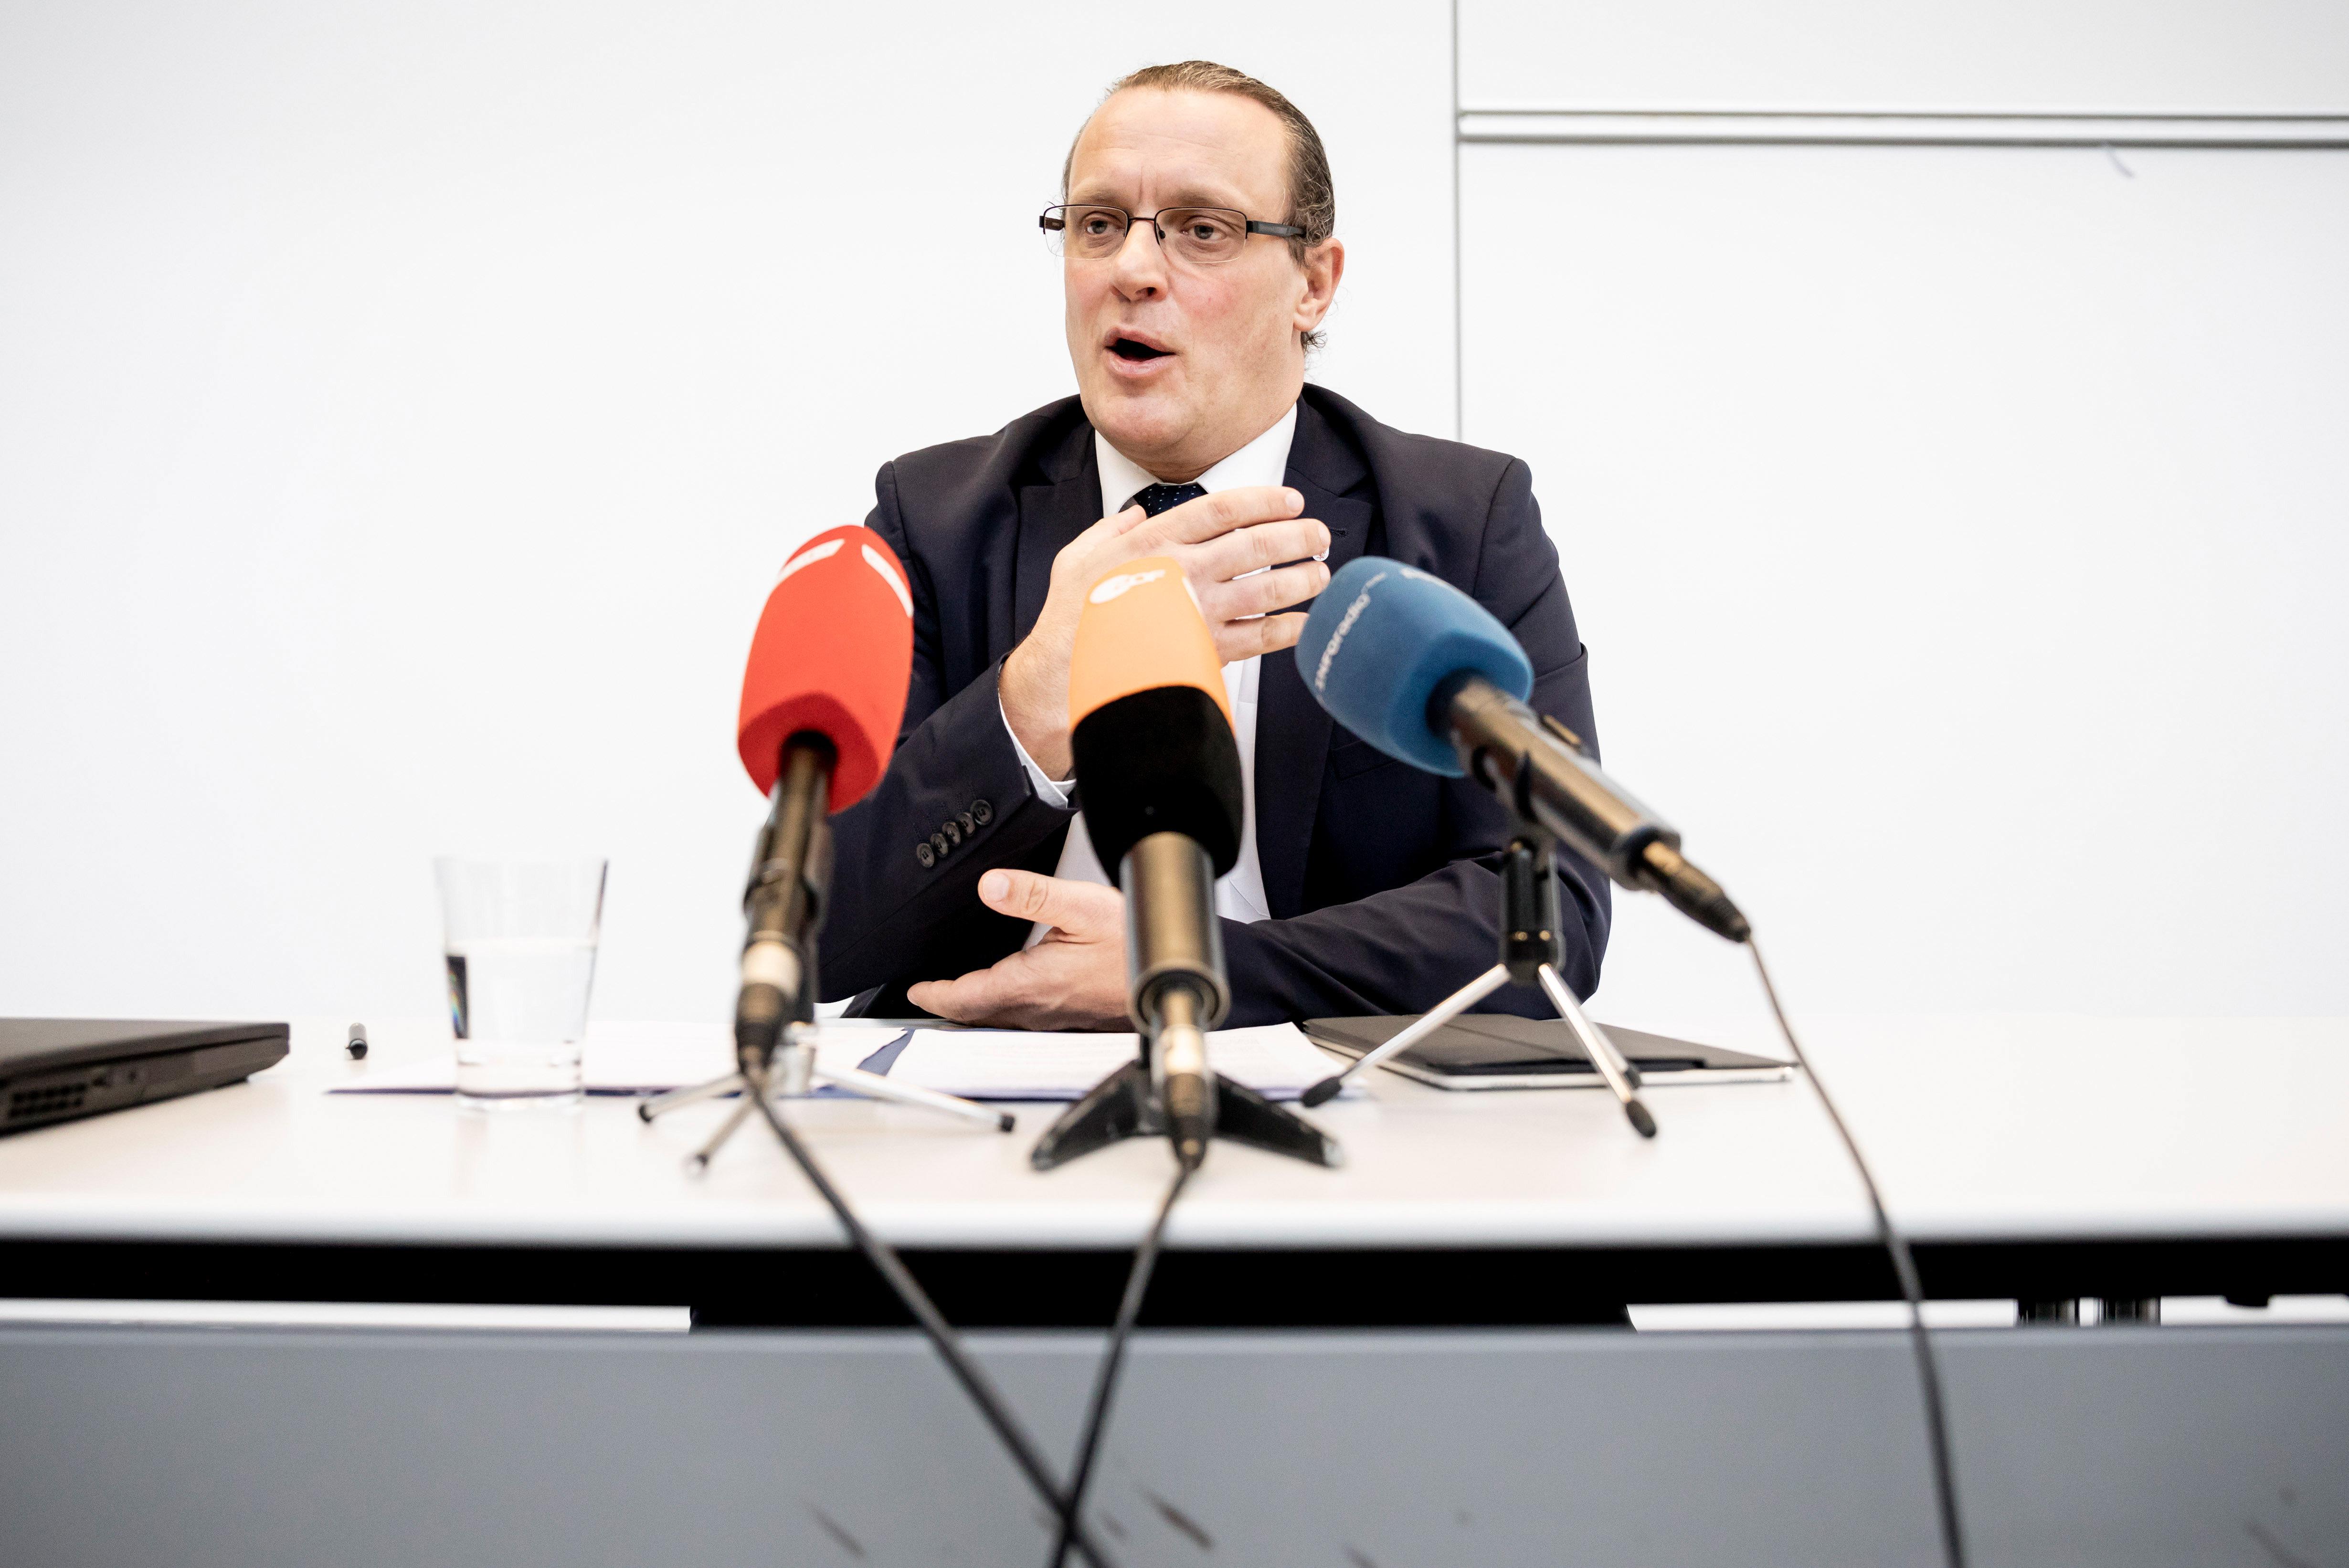 Ex-AfD-Vorstandsmitglied packt aus: So rückt der Höcke-Flügel die Partei weiter nach